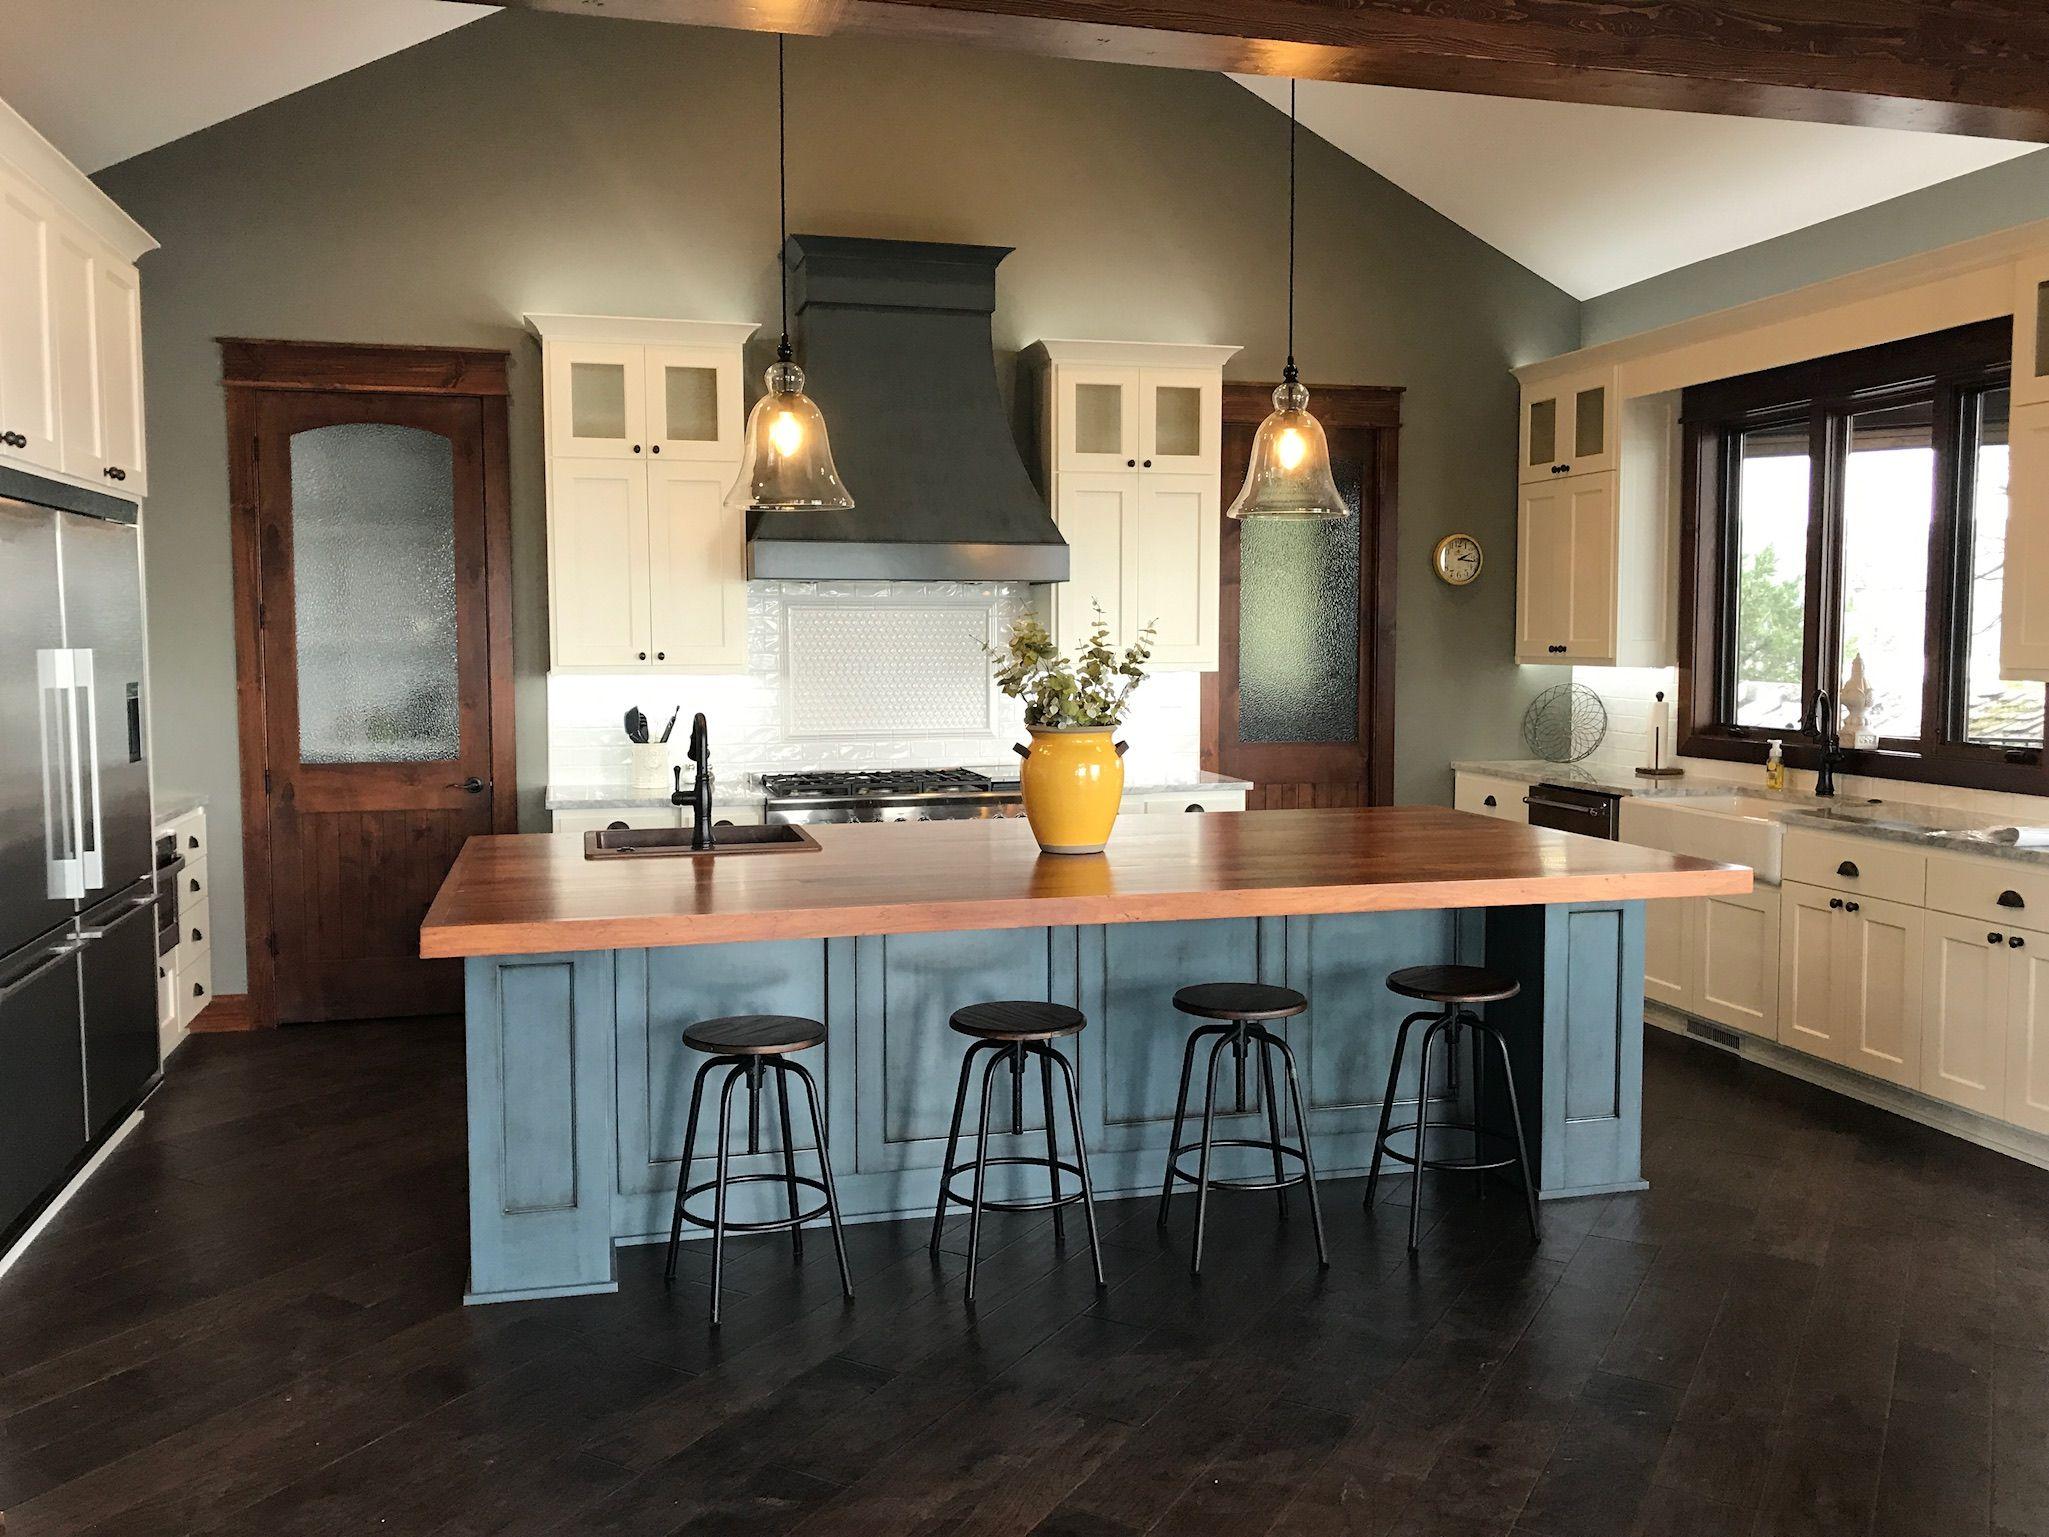 Lake house kitchen Open floor plan